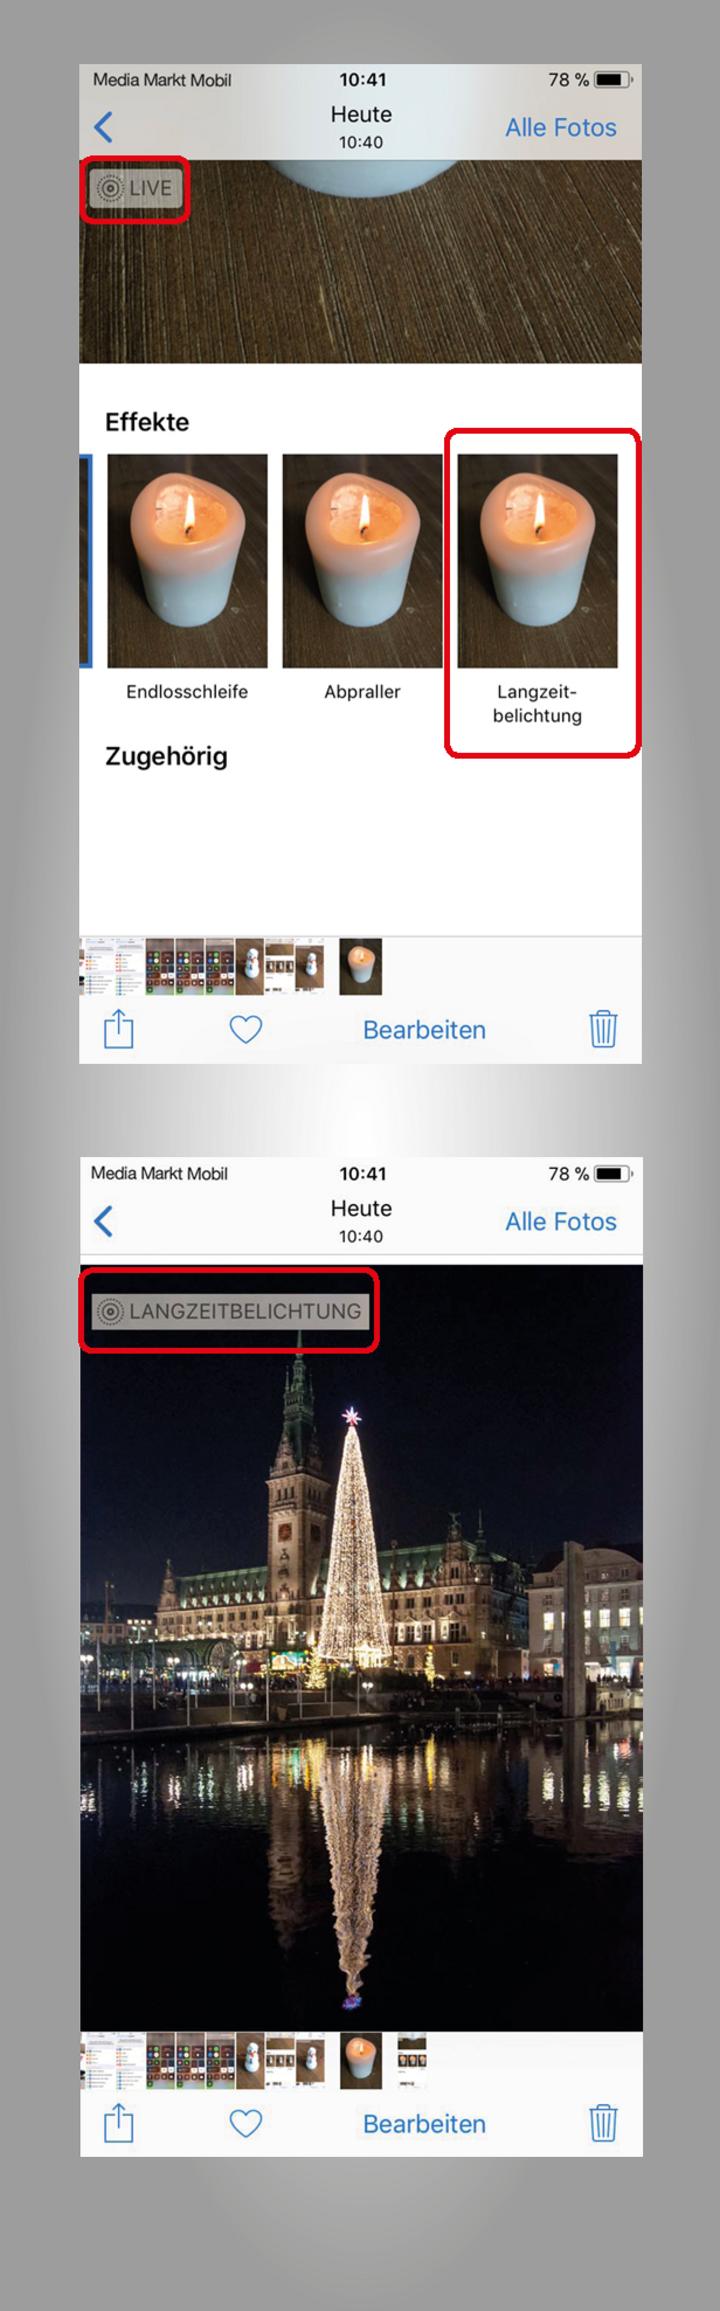 Die neue Kamera-App unter iOS 11 unterstützt nun auch Langzeitbelichtung.